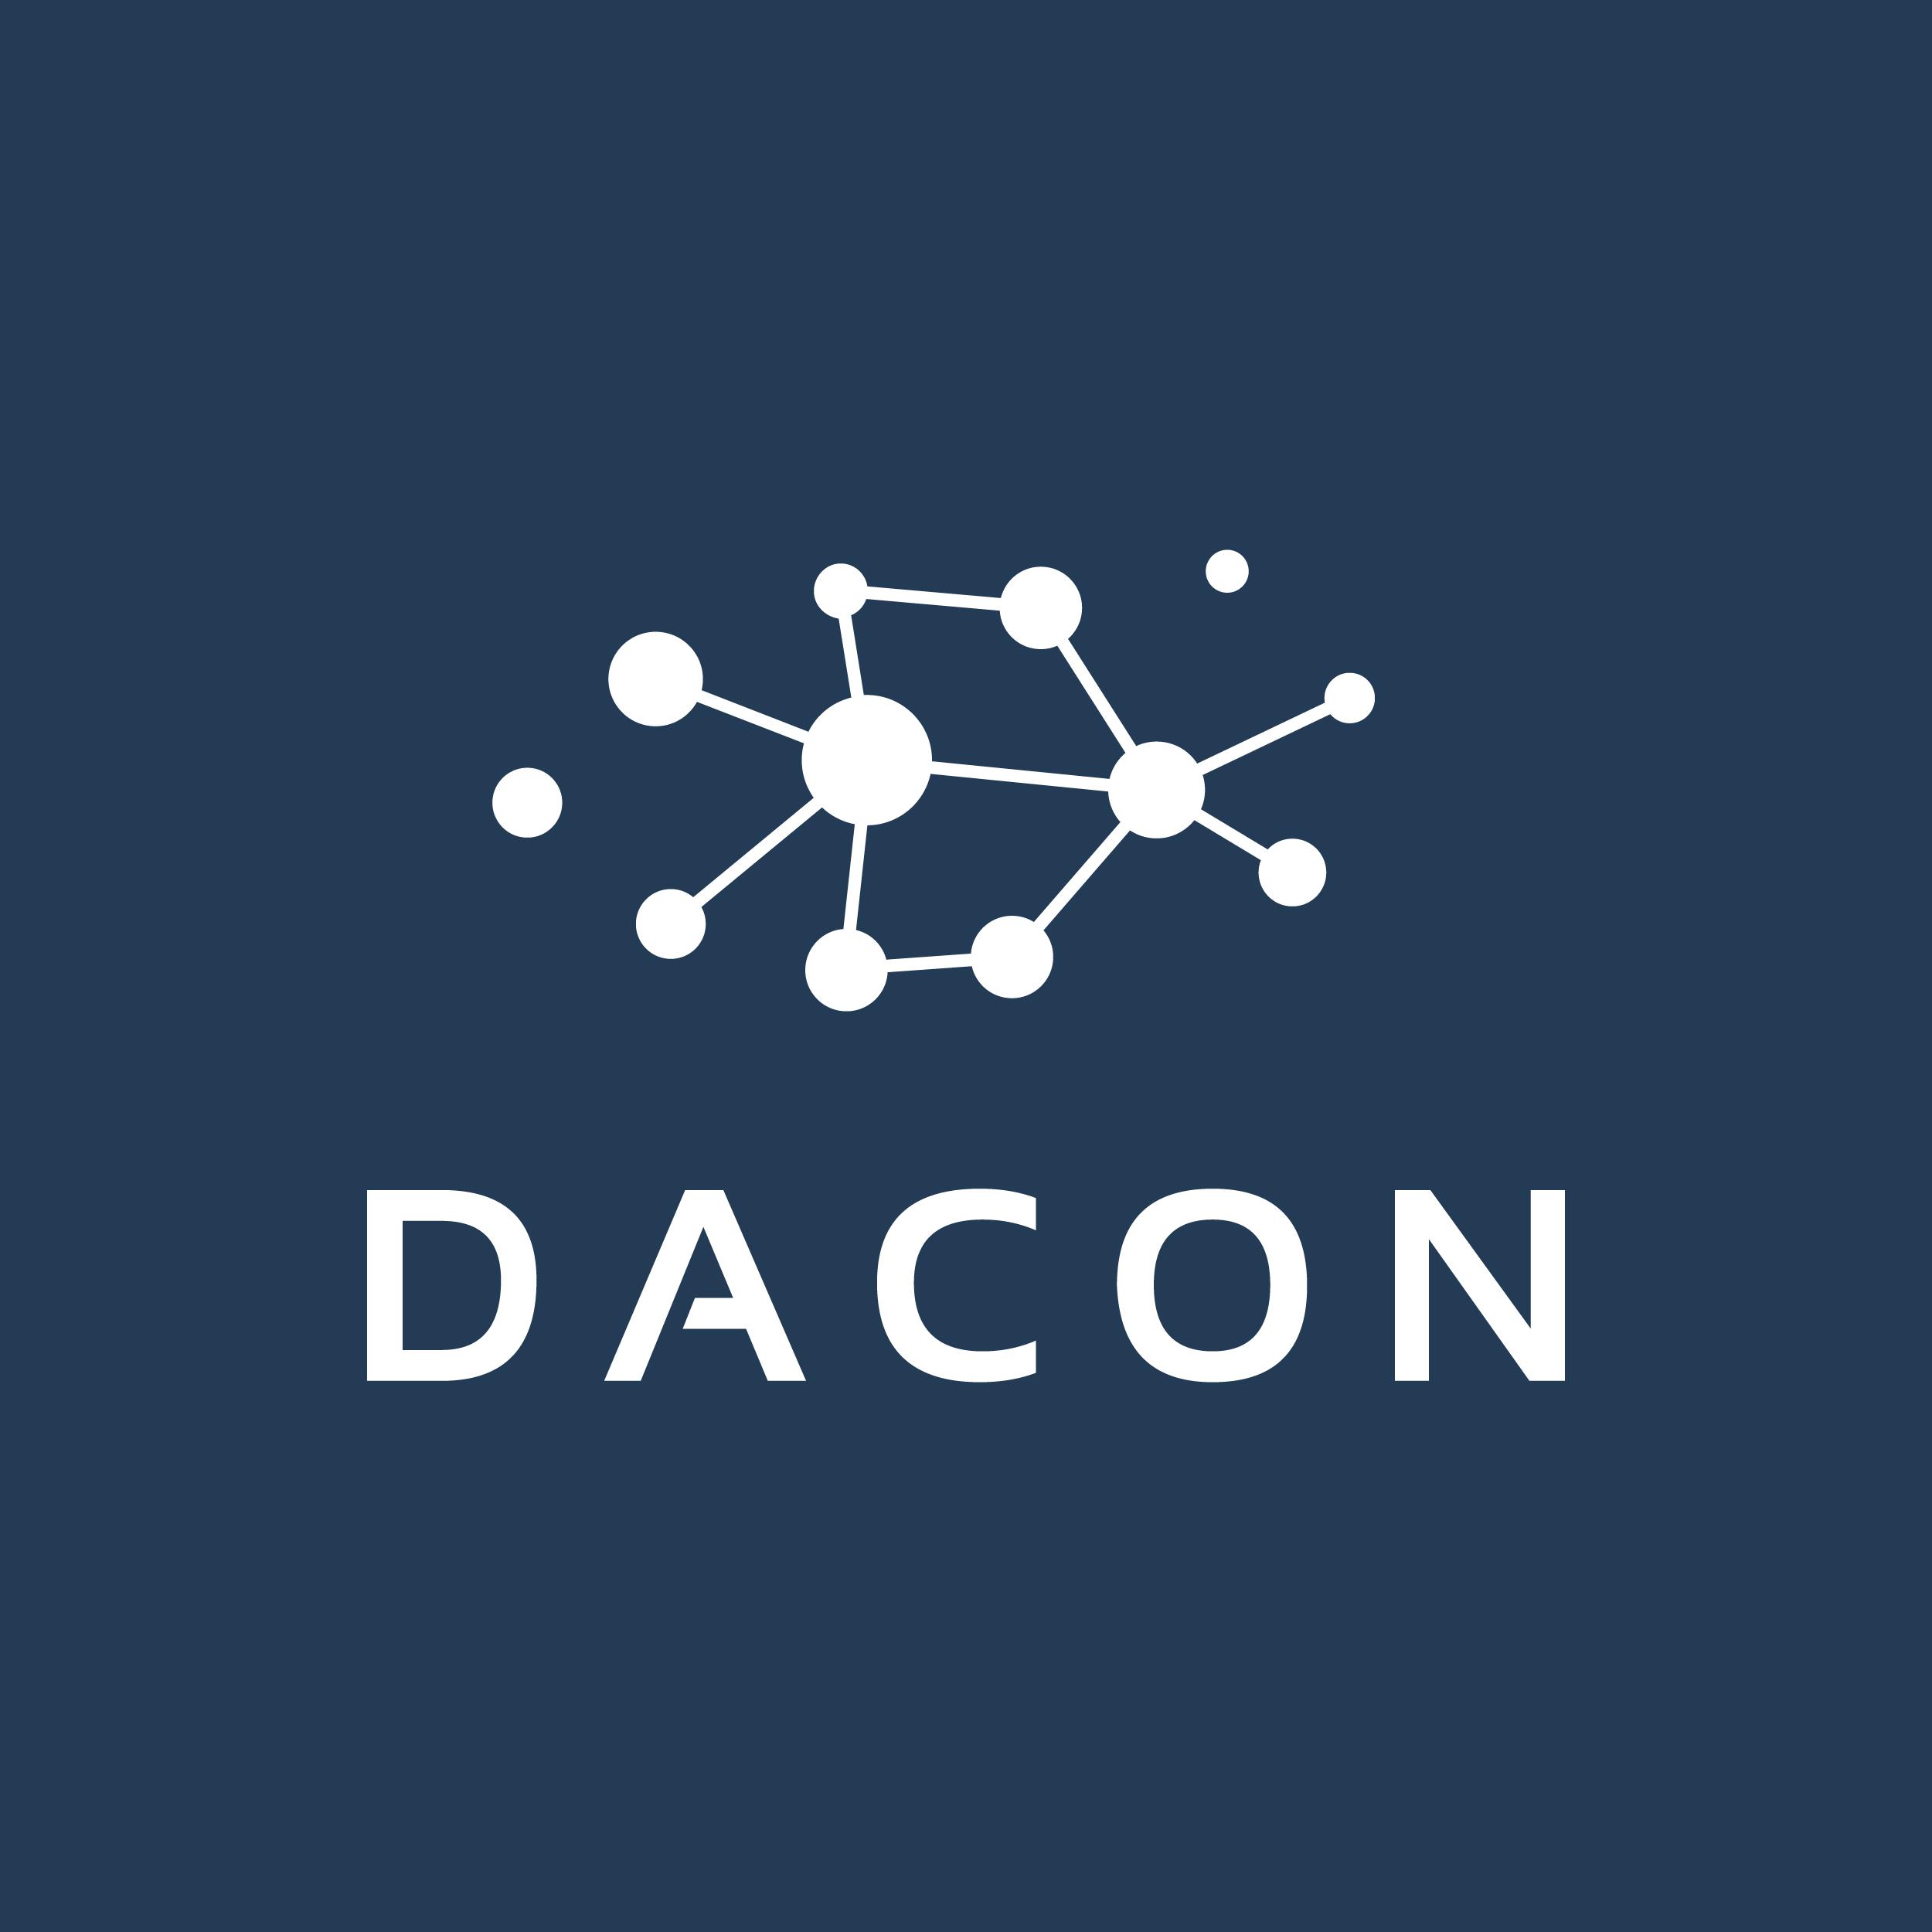 DACON_토니